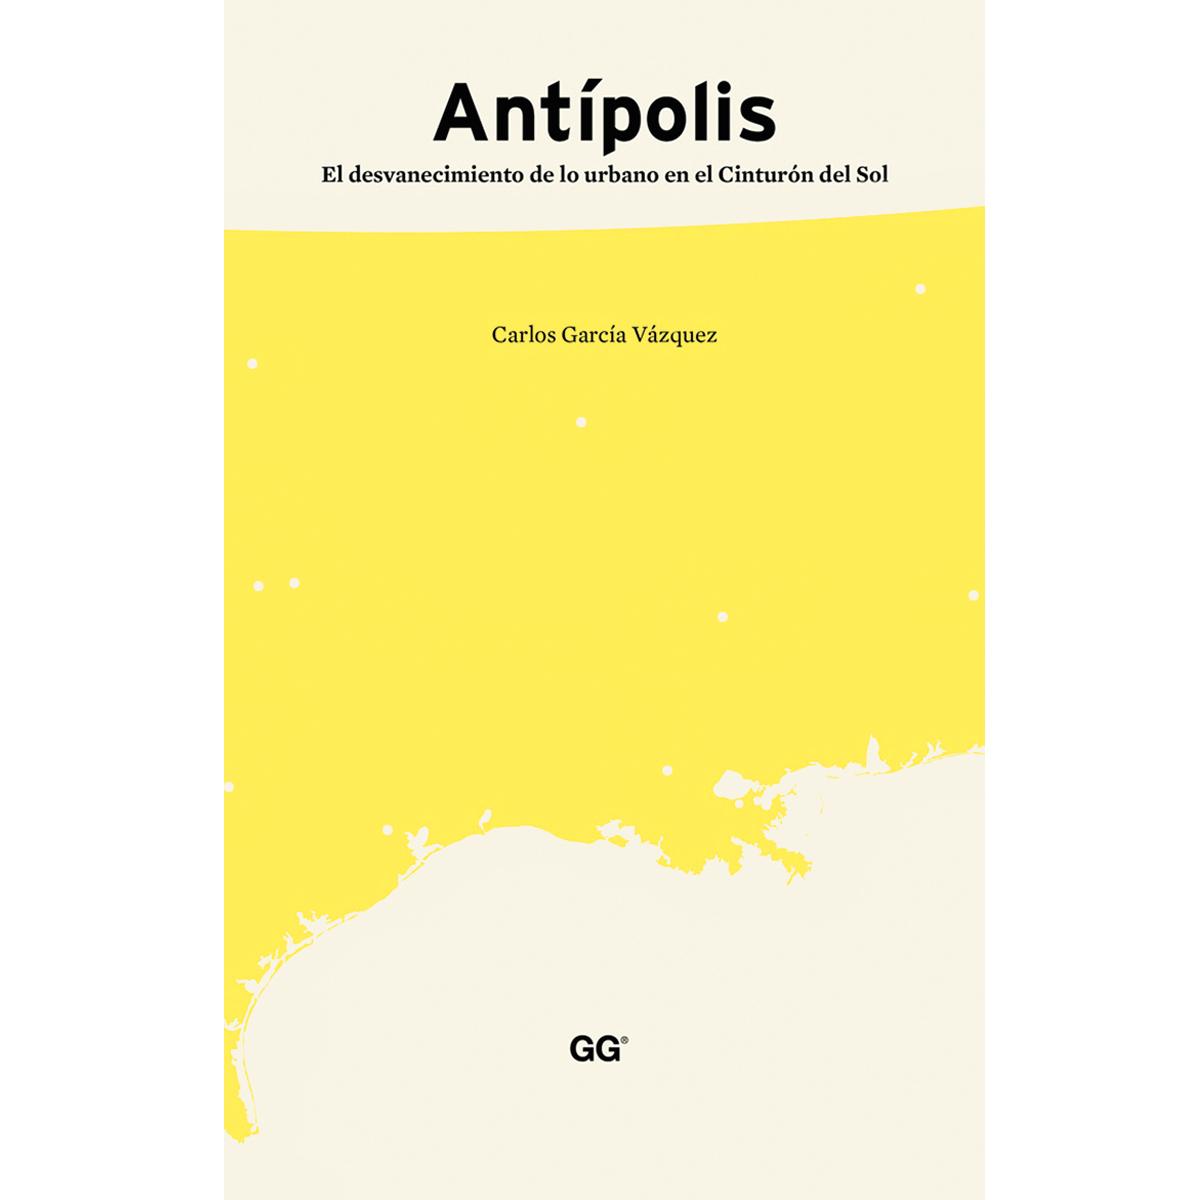 Antípolis